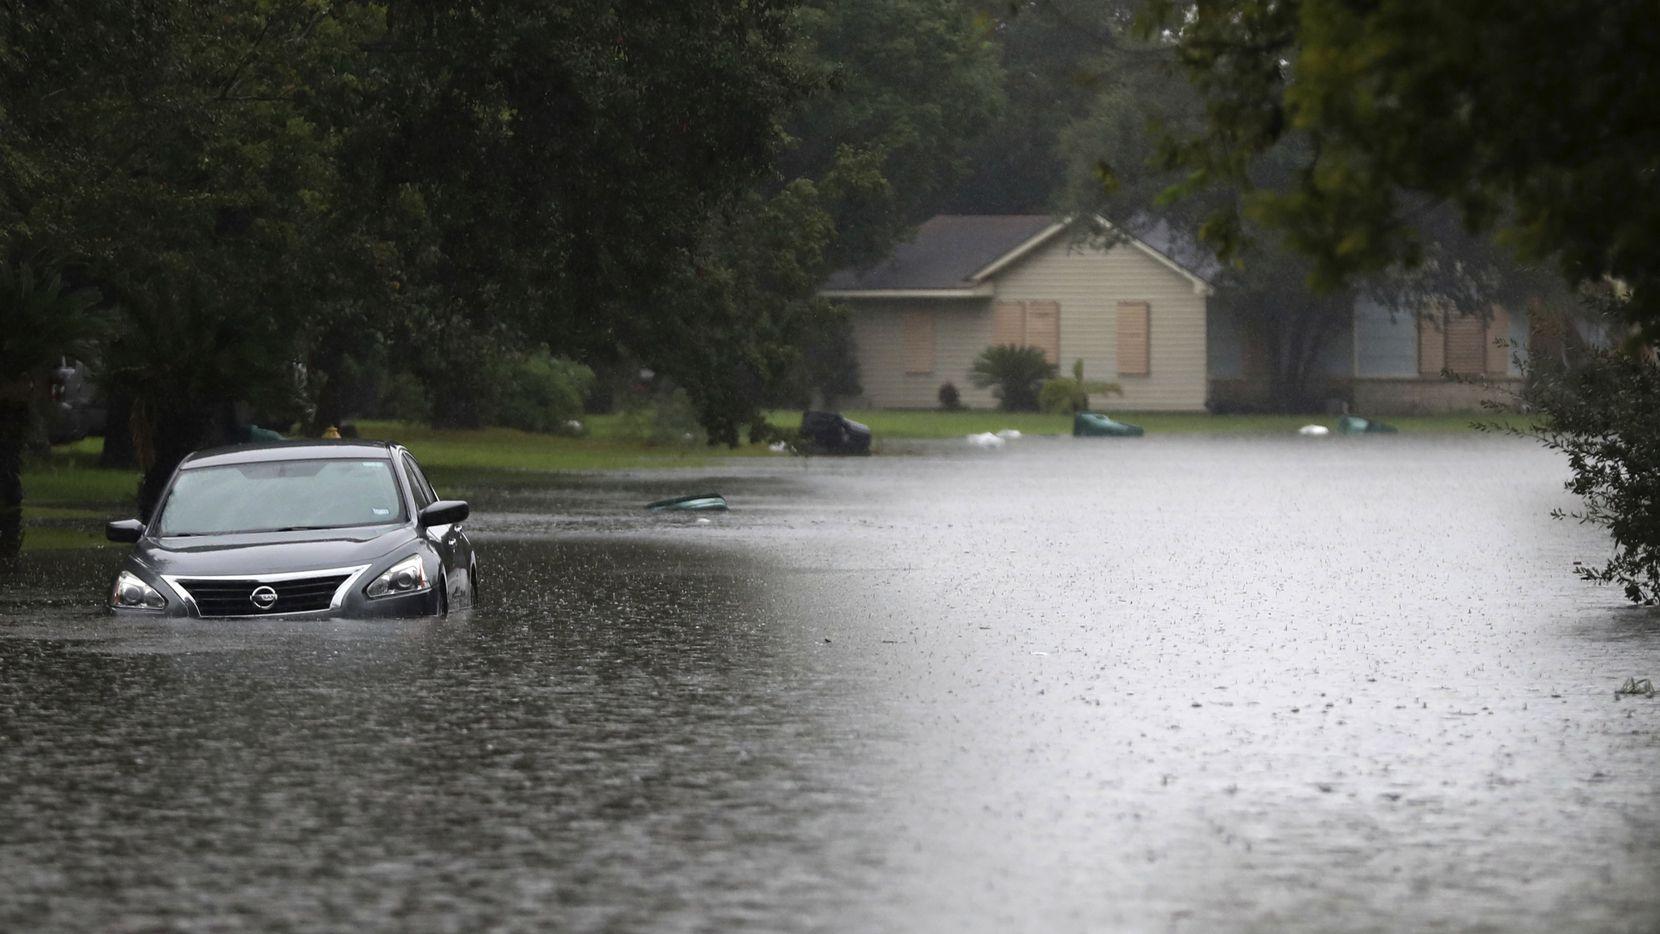 En La Marque, cerca de Houston, se produjeron indundaciones el martes por las lluvias. Un depresión tropical traerá más lluvias. AP